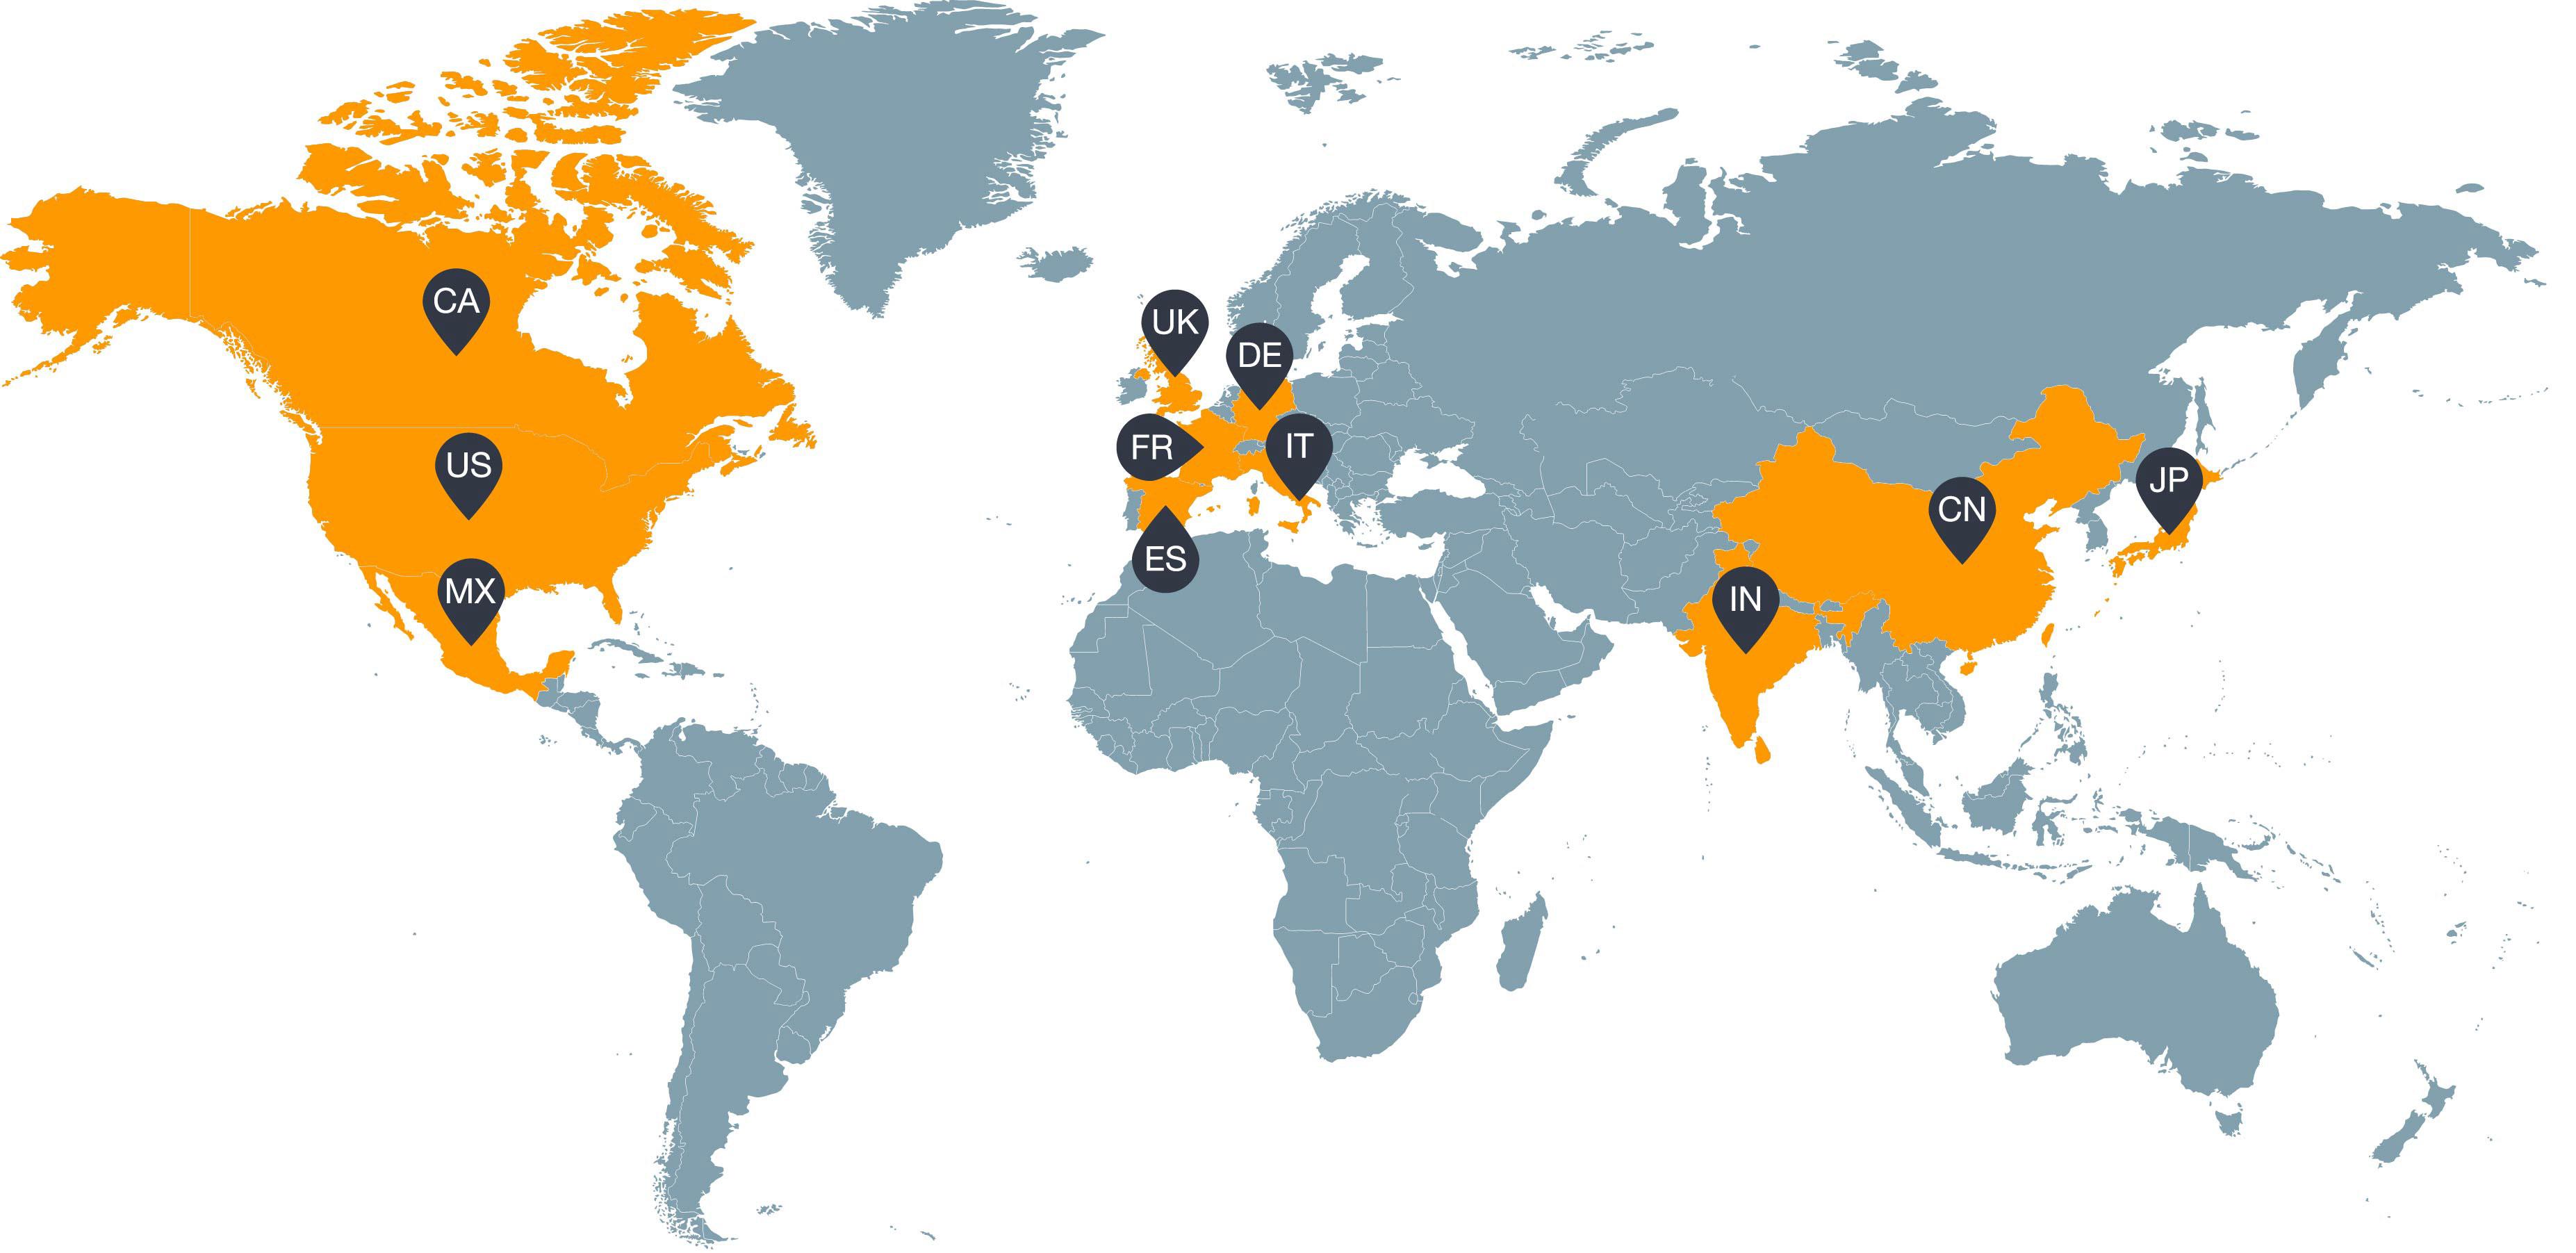 Amazon-Marketplaces-Map